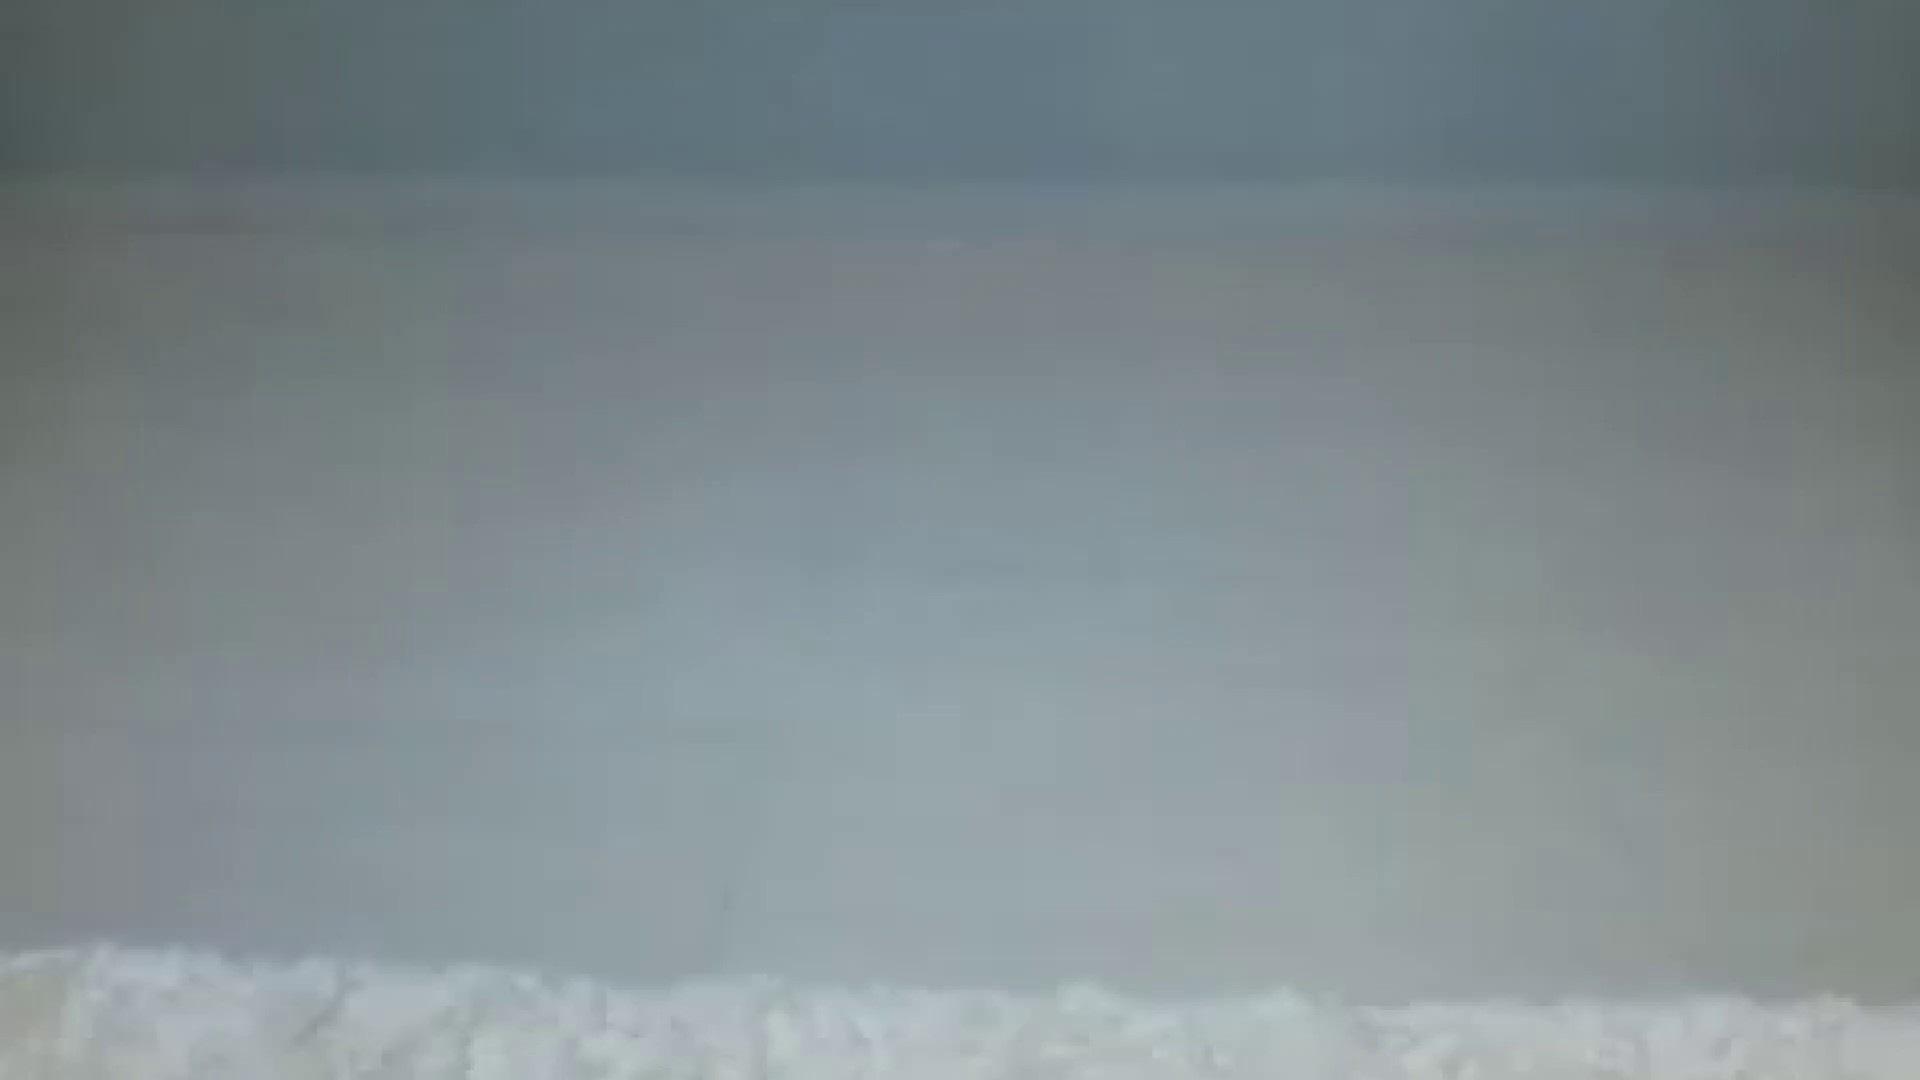 ~厳選!素人イケメン~俺のオナニズムⅢVol.07 ゲイのオナニー映像 ちんこ画像 76枚 47